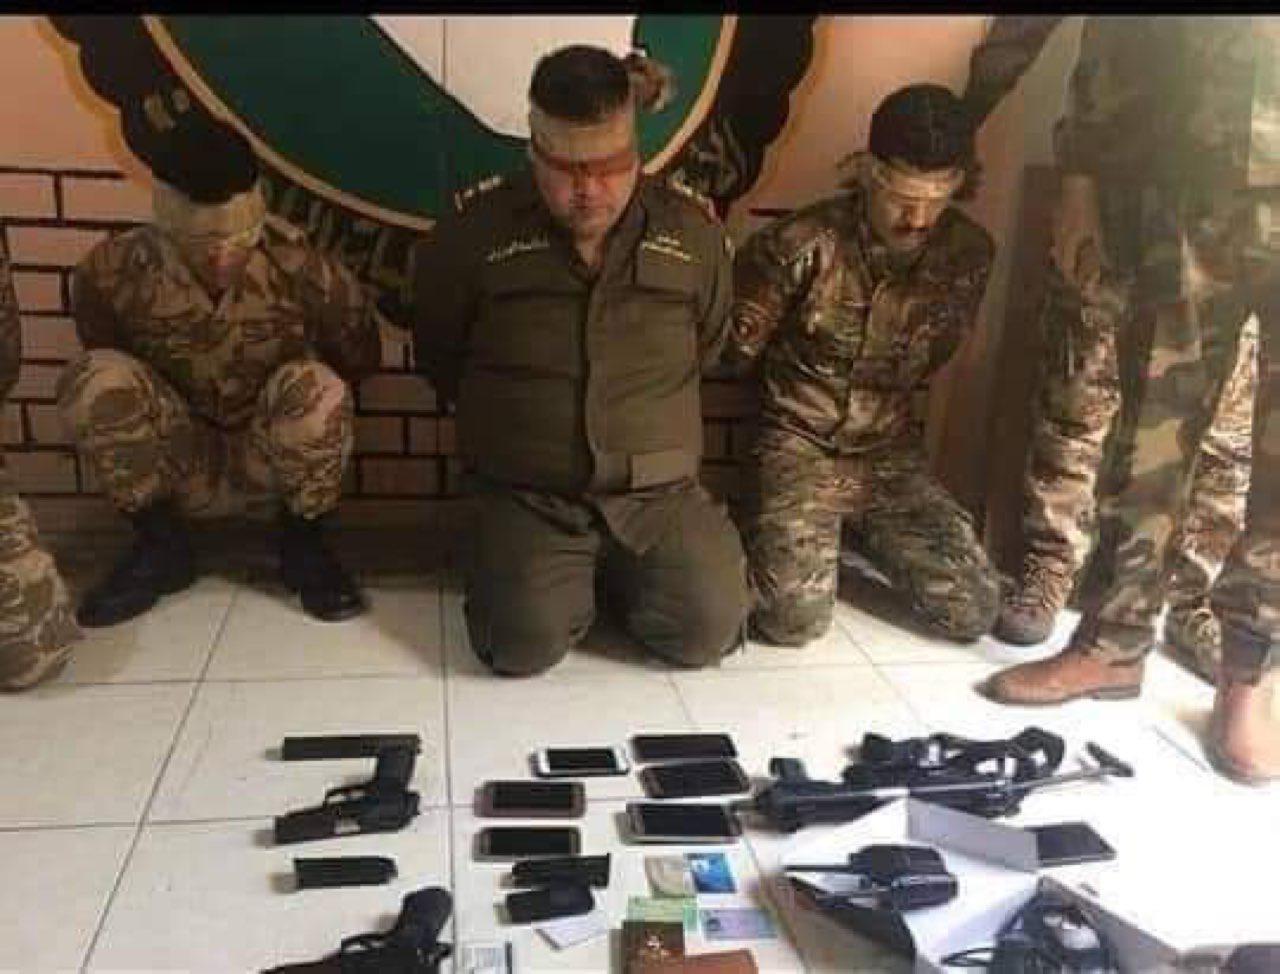 ذي قار القبض على عصابة تدعي الإنتساب لمكتب عبد المهدي